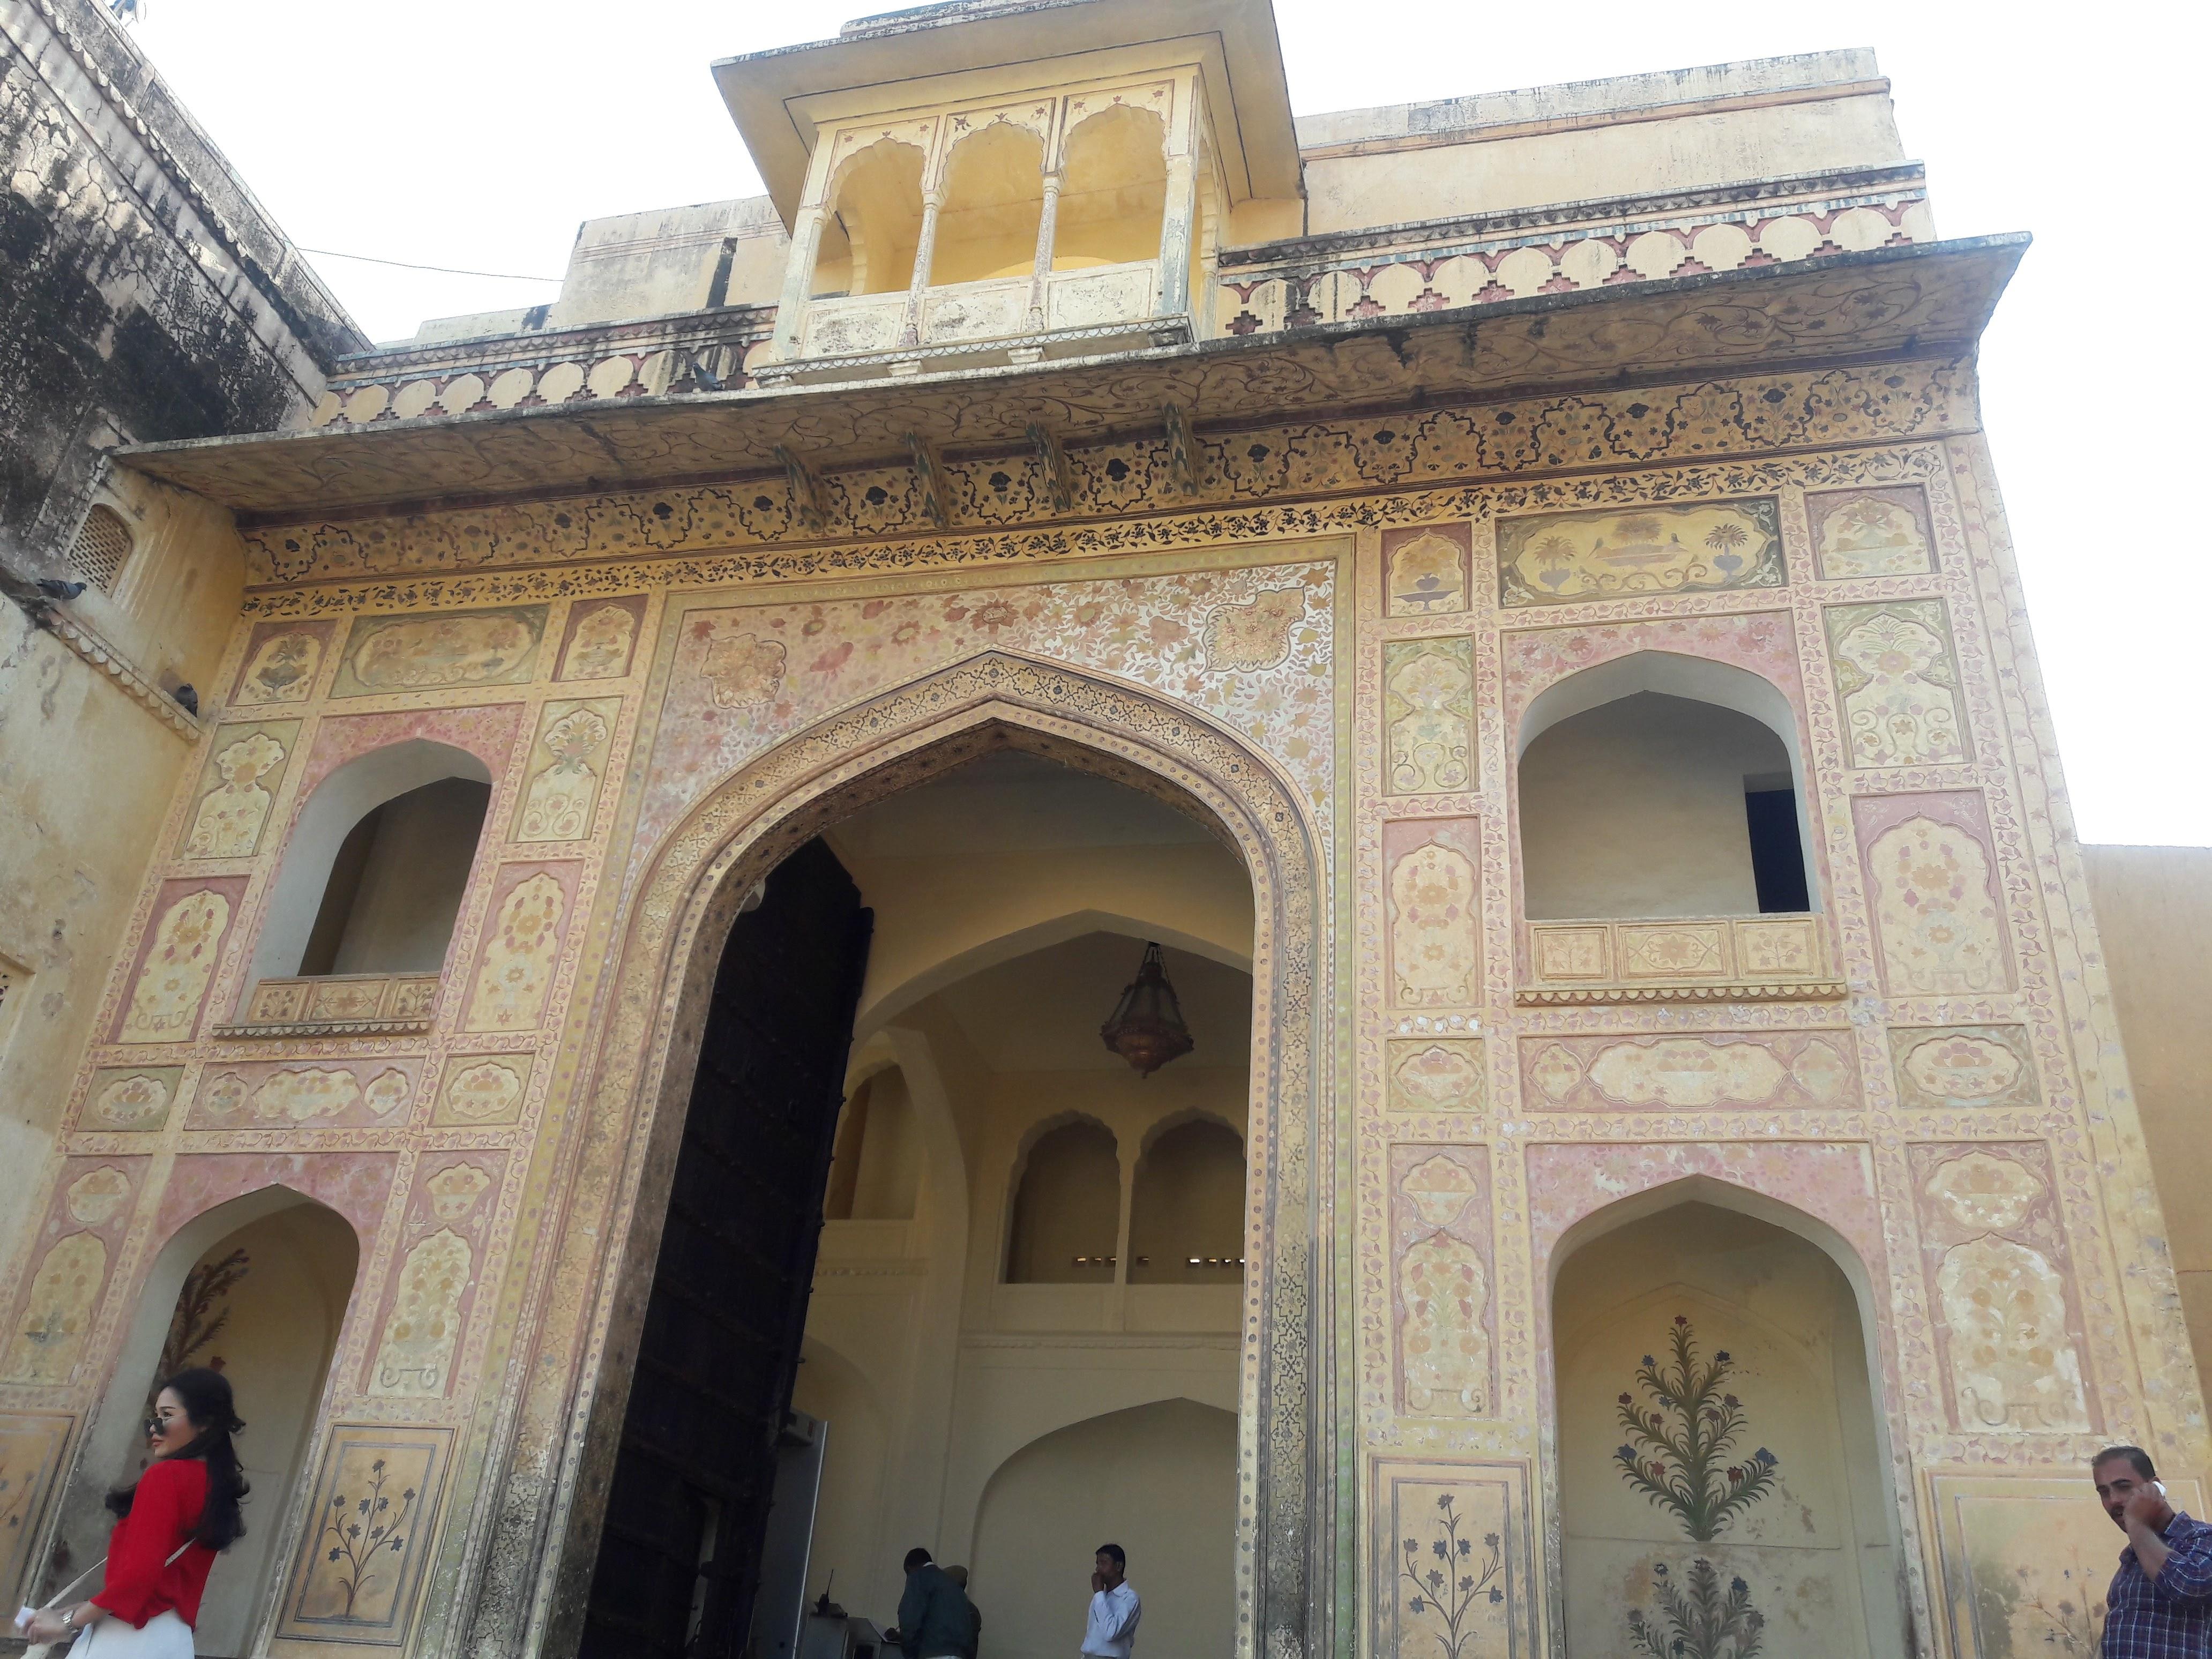 Amer fort jaipur india